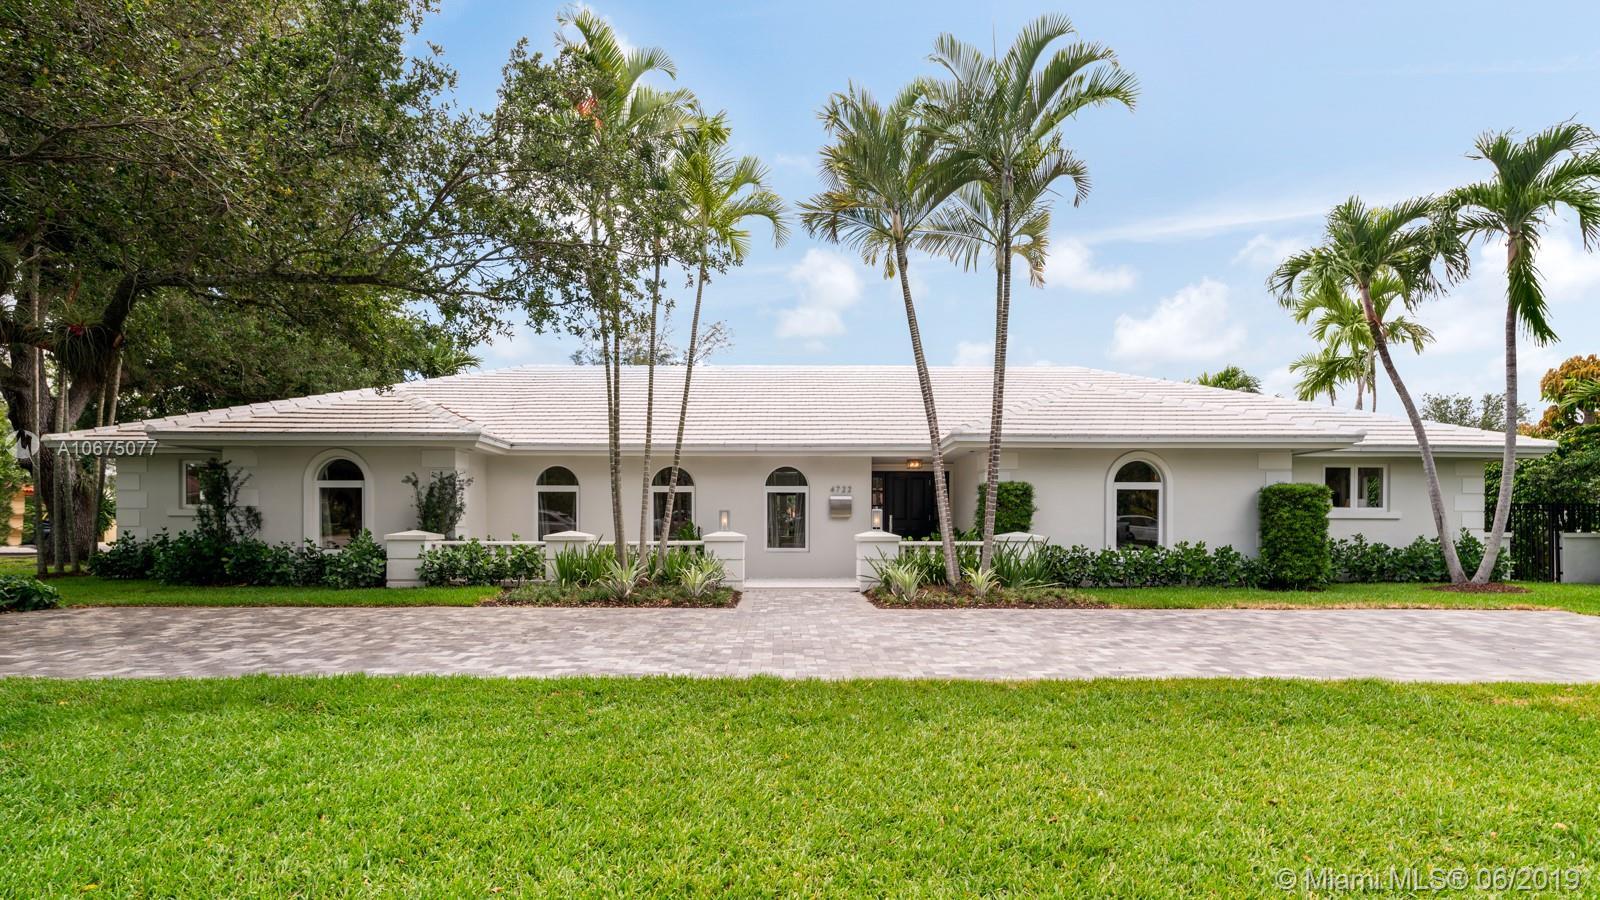 4722 Granada Blvd, Coral Gables, FL 33143